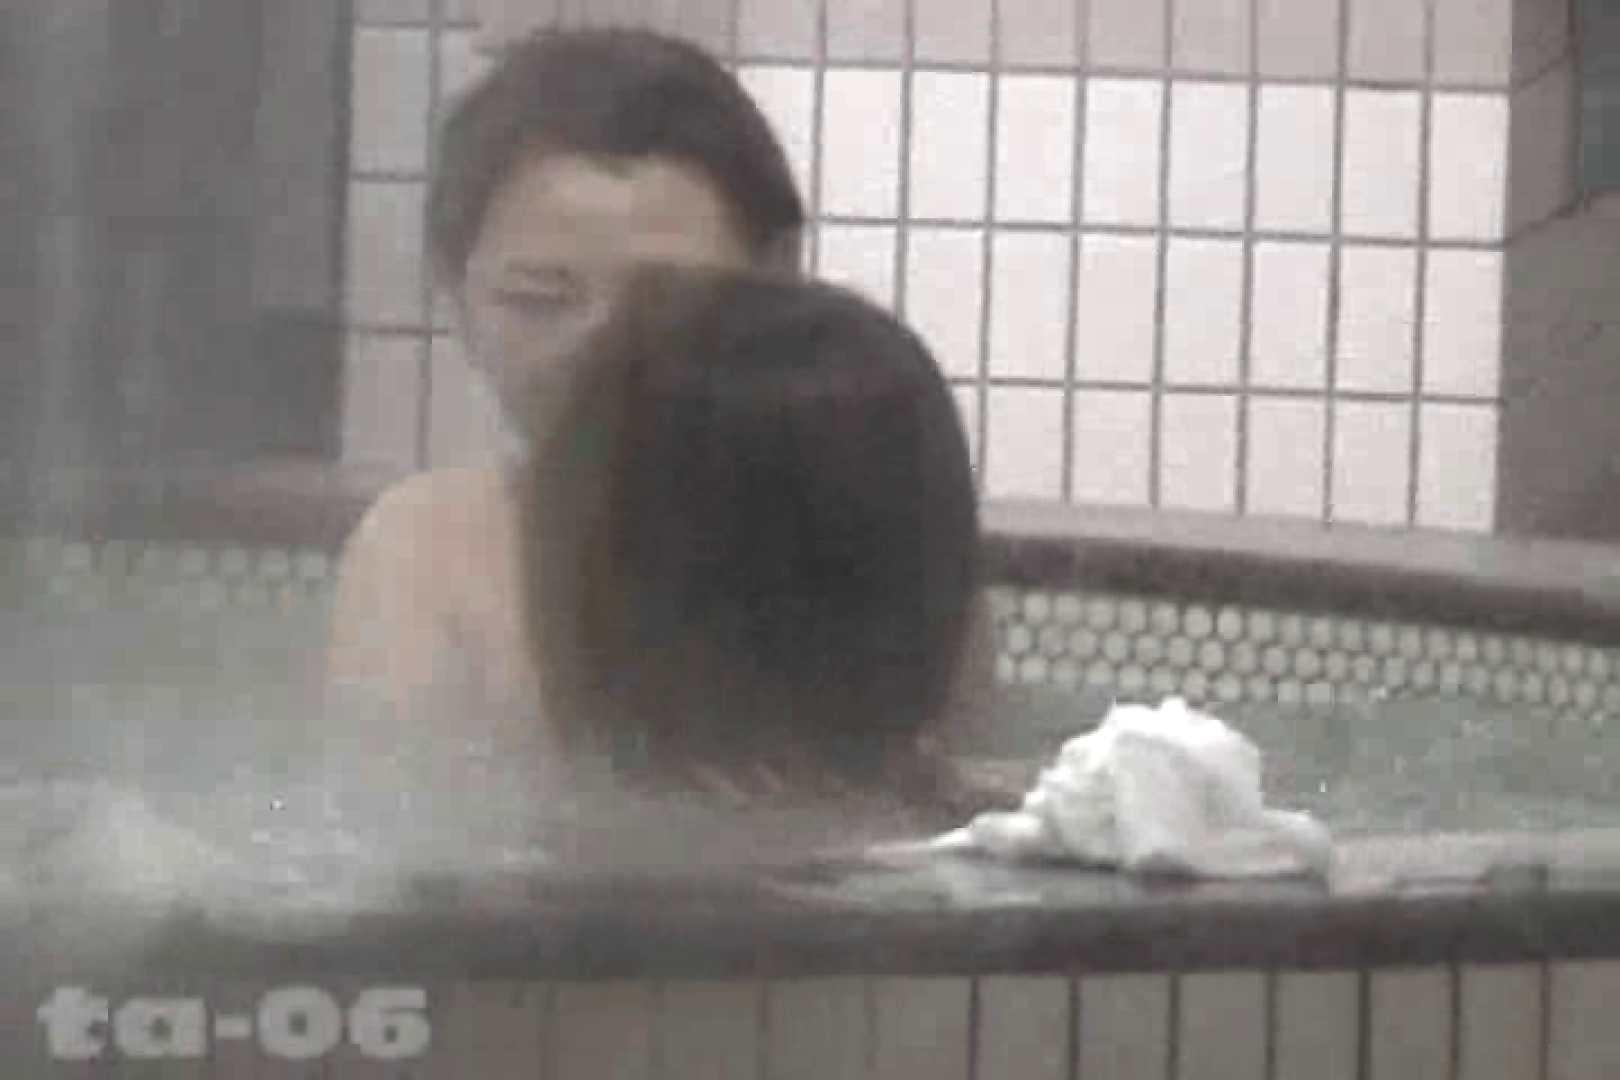 合宿ホテル女風呂盗撮高画質版 Vol.06 盗撮 盗み撮り動画キャプチャ 87枚 81